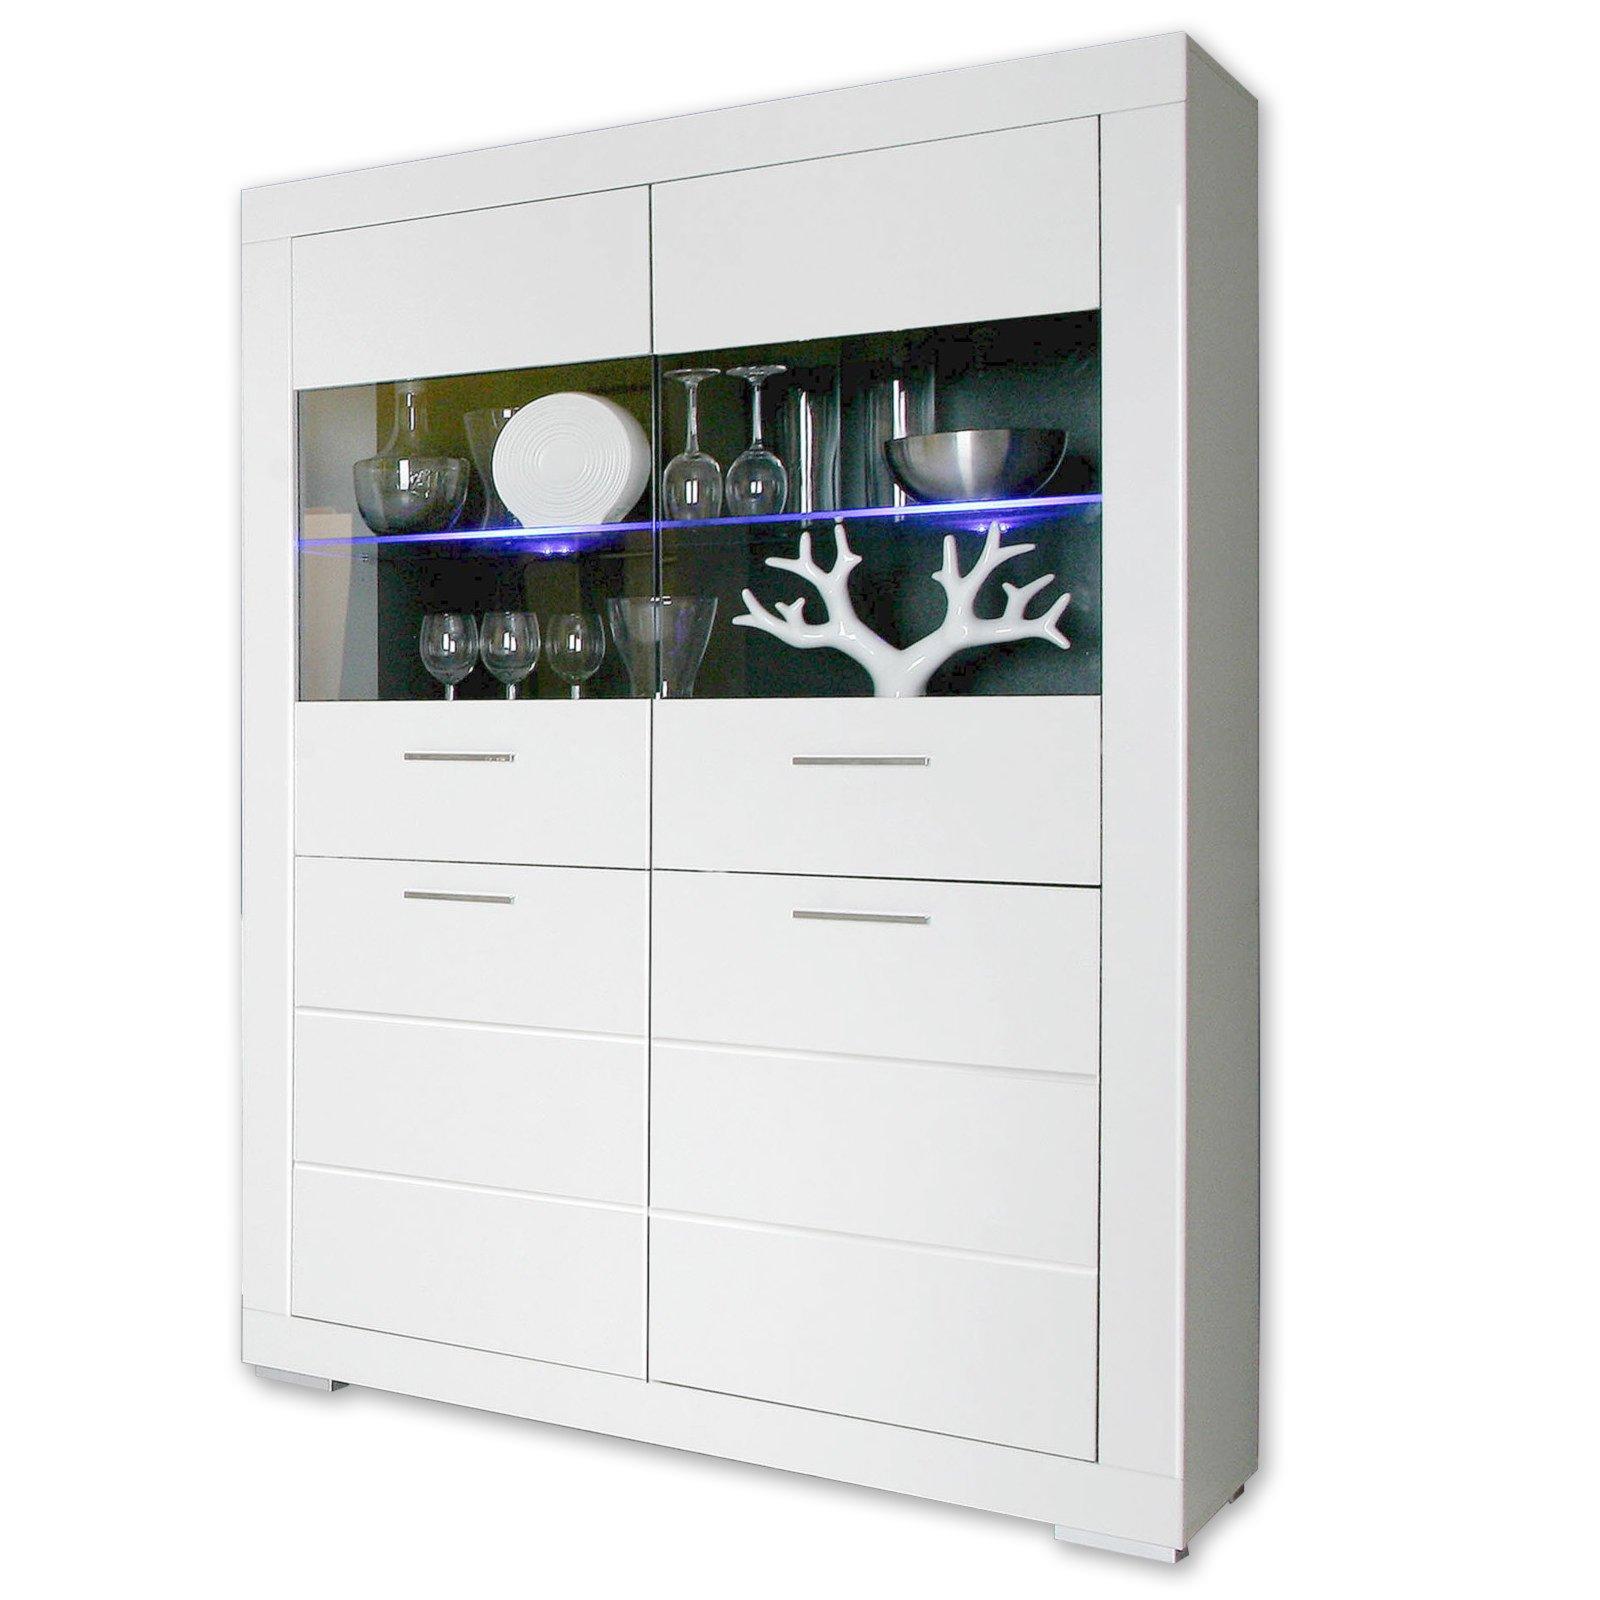 vitrine snow wei matt mit beleuchtung ebay. Black Bedroom Furniture Sets. Home Design Ideas